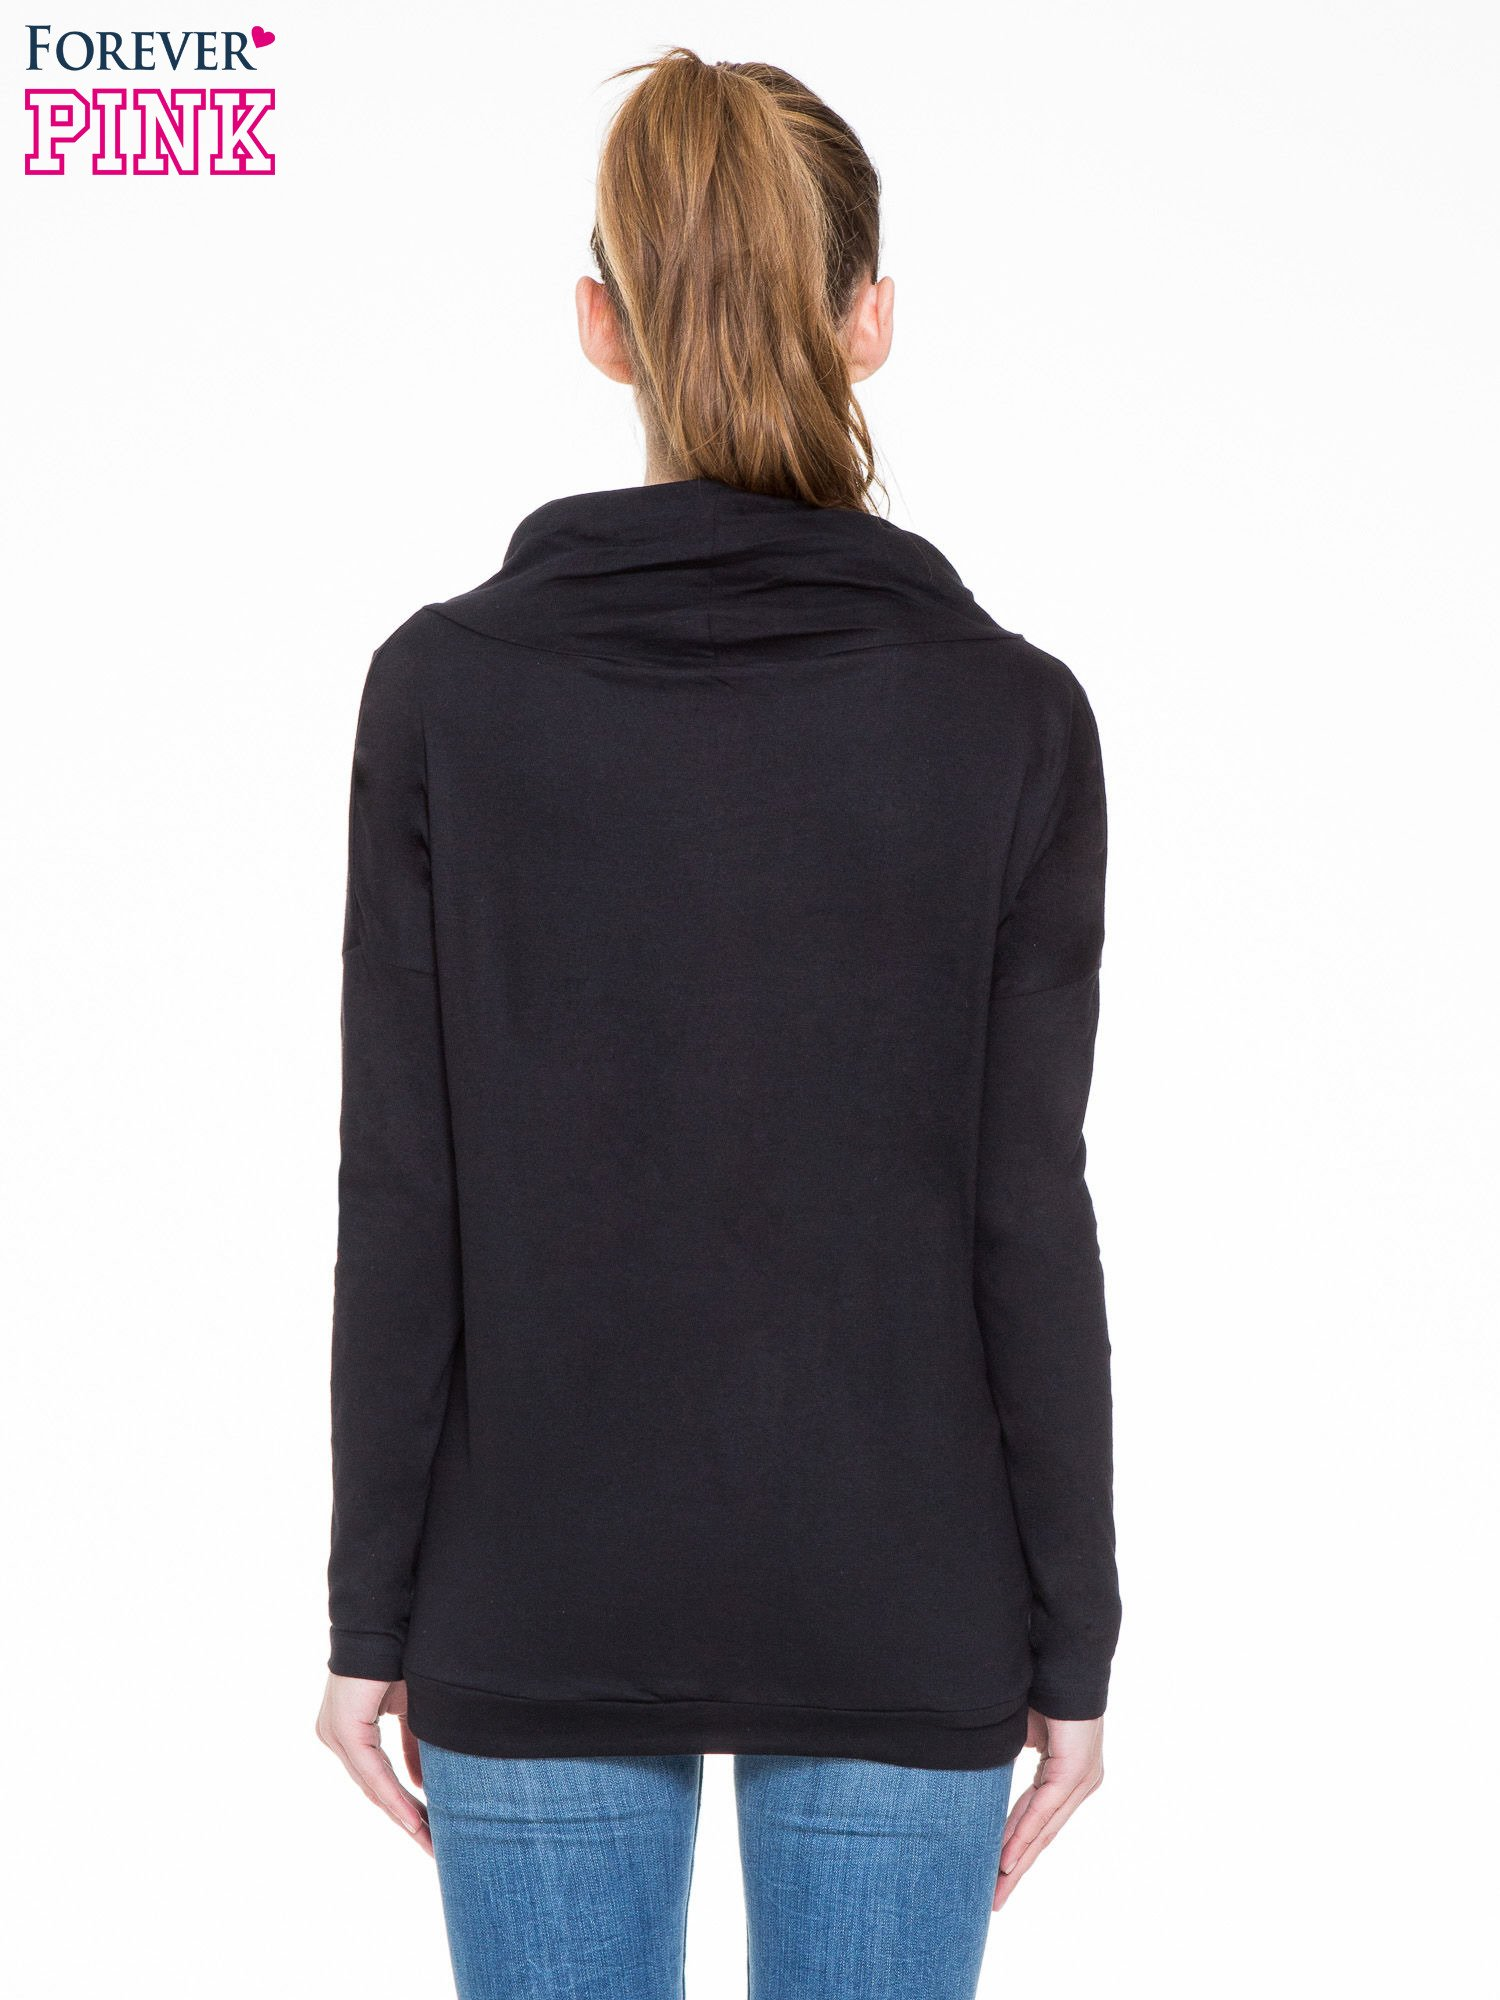 Czarna bluzka dresowa z kołnierzokapturem i ściągaczem na dole                                  zdj.                                  4